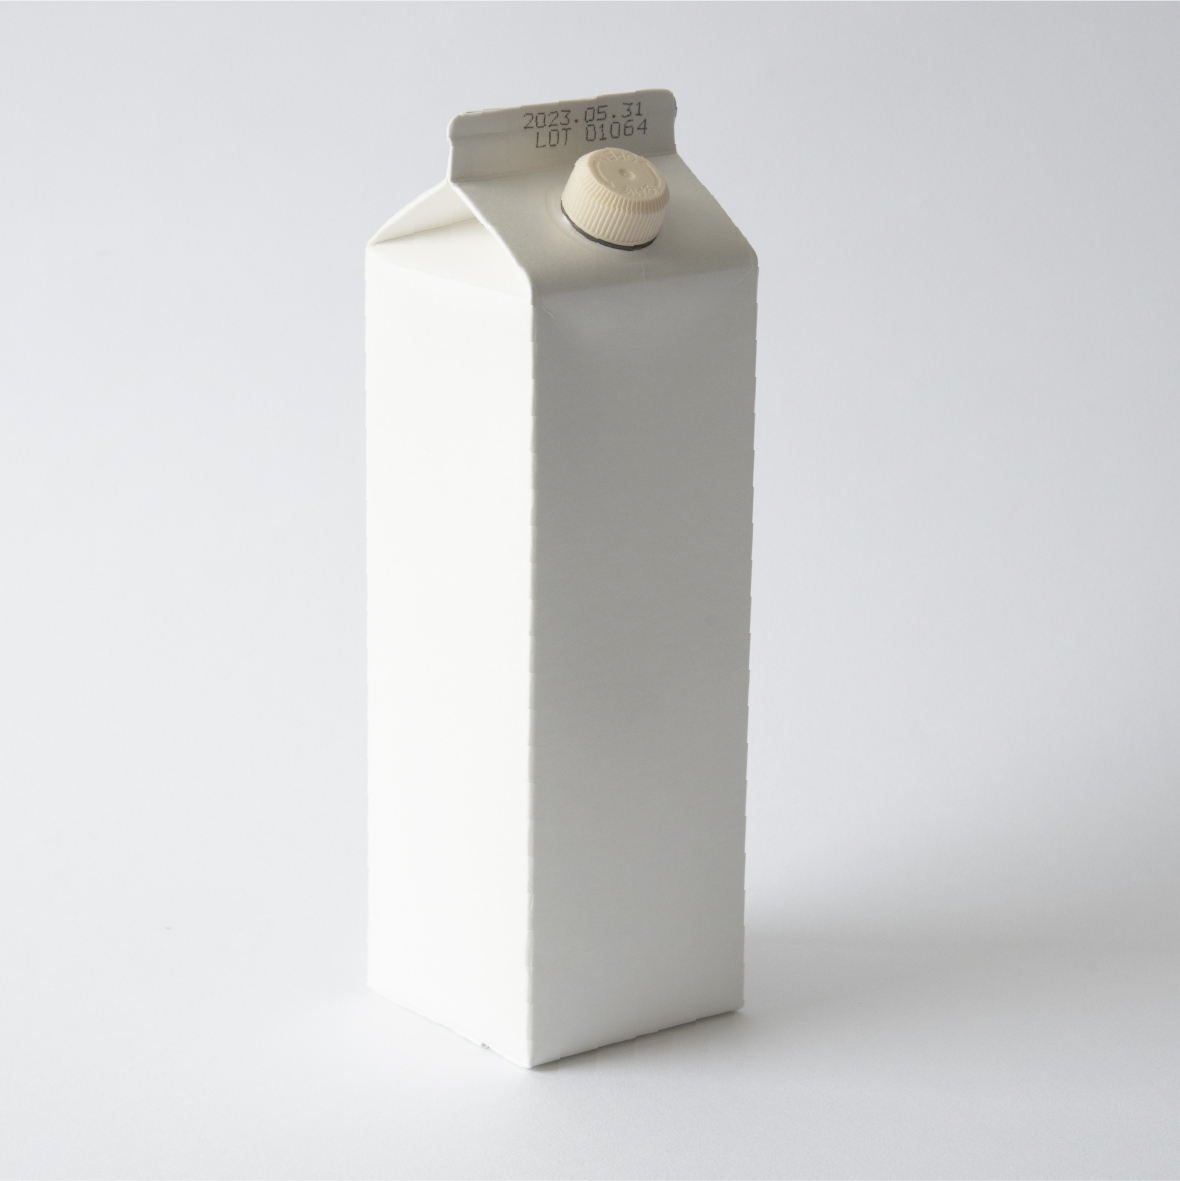 【有償サンプル】マルイ物産 抹茶シロップ 1L×1本